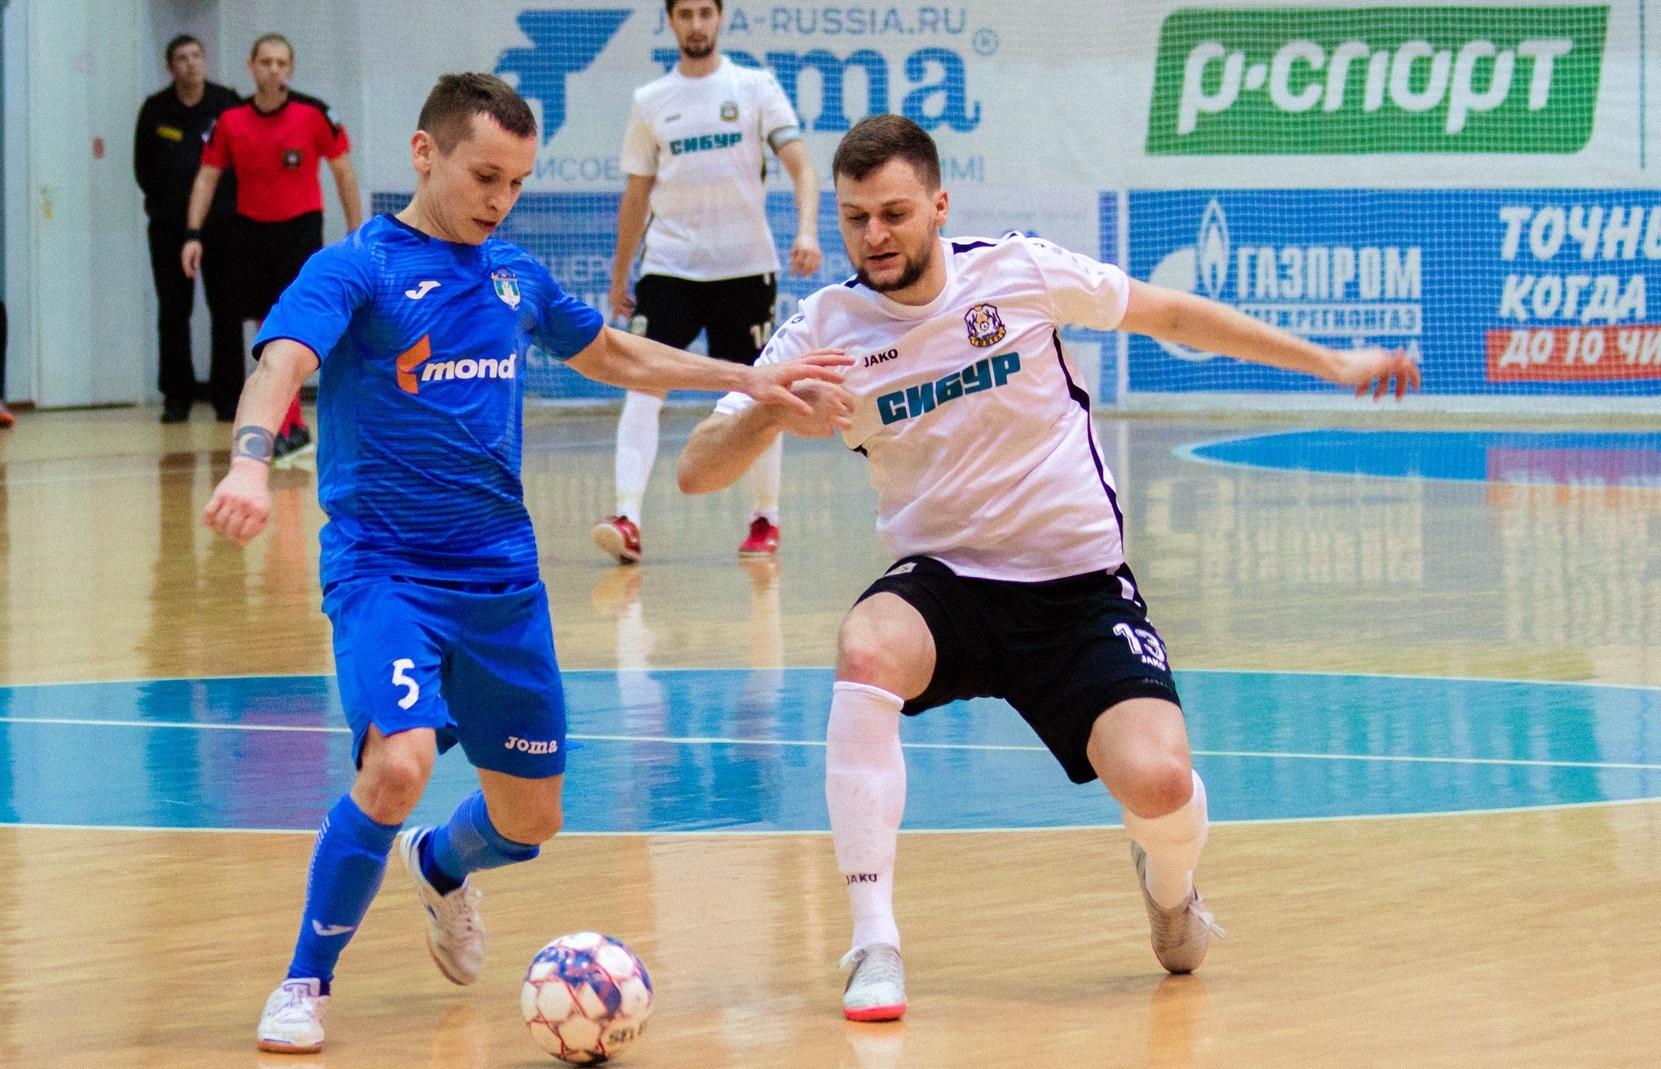 Сергей Абрамович